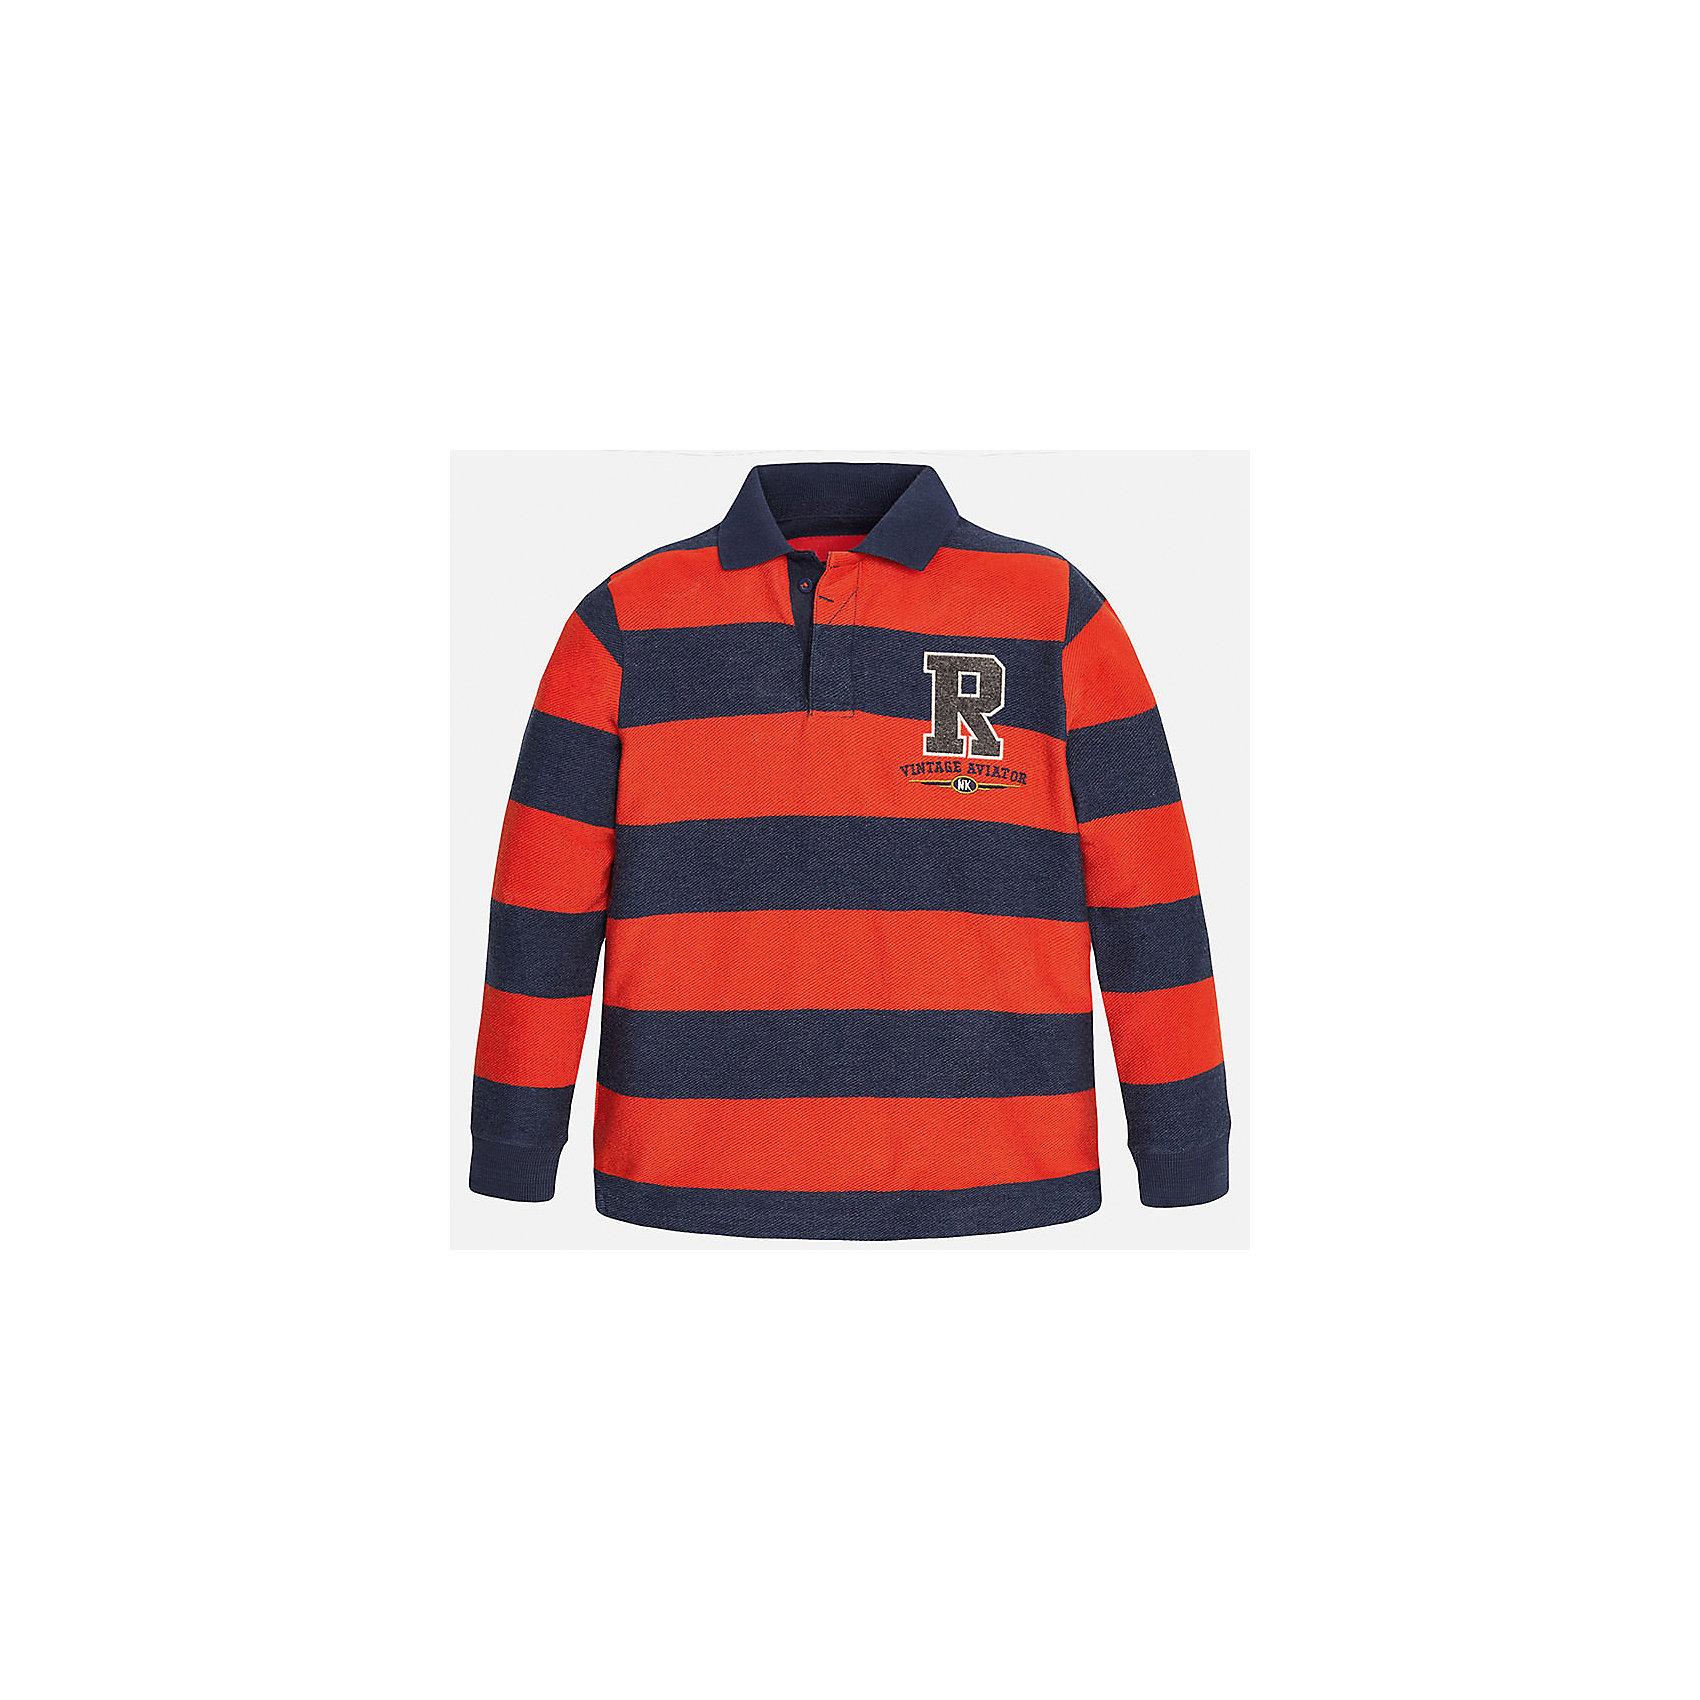 Рубашка-поло для мальчика MayoralРубашка-поло для мальчика от известного испанского бренда Mayoral(Майорал). Рубашка изготовлена из качественного хлопка, застегивается на 3 пуговицы на вороте. Имеет слегка зауженные манжеты, аппликацию на груди и дизайн в полоску. Отличный вариант на каждый день!<br><br>Дополнительная информация:<br>Состав: 100% хлопок<br>Цвет: красный/темно-синий<br>Вы можете приобрести рубашку-поло для мальчика Mayoral(Майорал) в нашем интернет-магазине.<br><br>Ширина мм: 174<br>Глубина мм: 10<br>Высота мм: 169<br>Вес г: 157<br>Цвет: красный<br>Возраст от месяцев: 108<br>Возраст до месяцев: 120<br>Пол: Мужской<br>Возраст: Детский<br>Размер: 140/146,152/158,158/164,164/170,146/152,128/134<br>SKU: 4826849